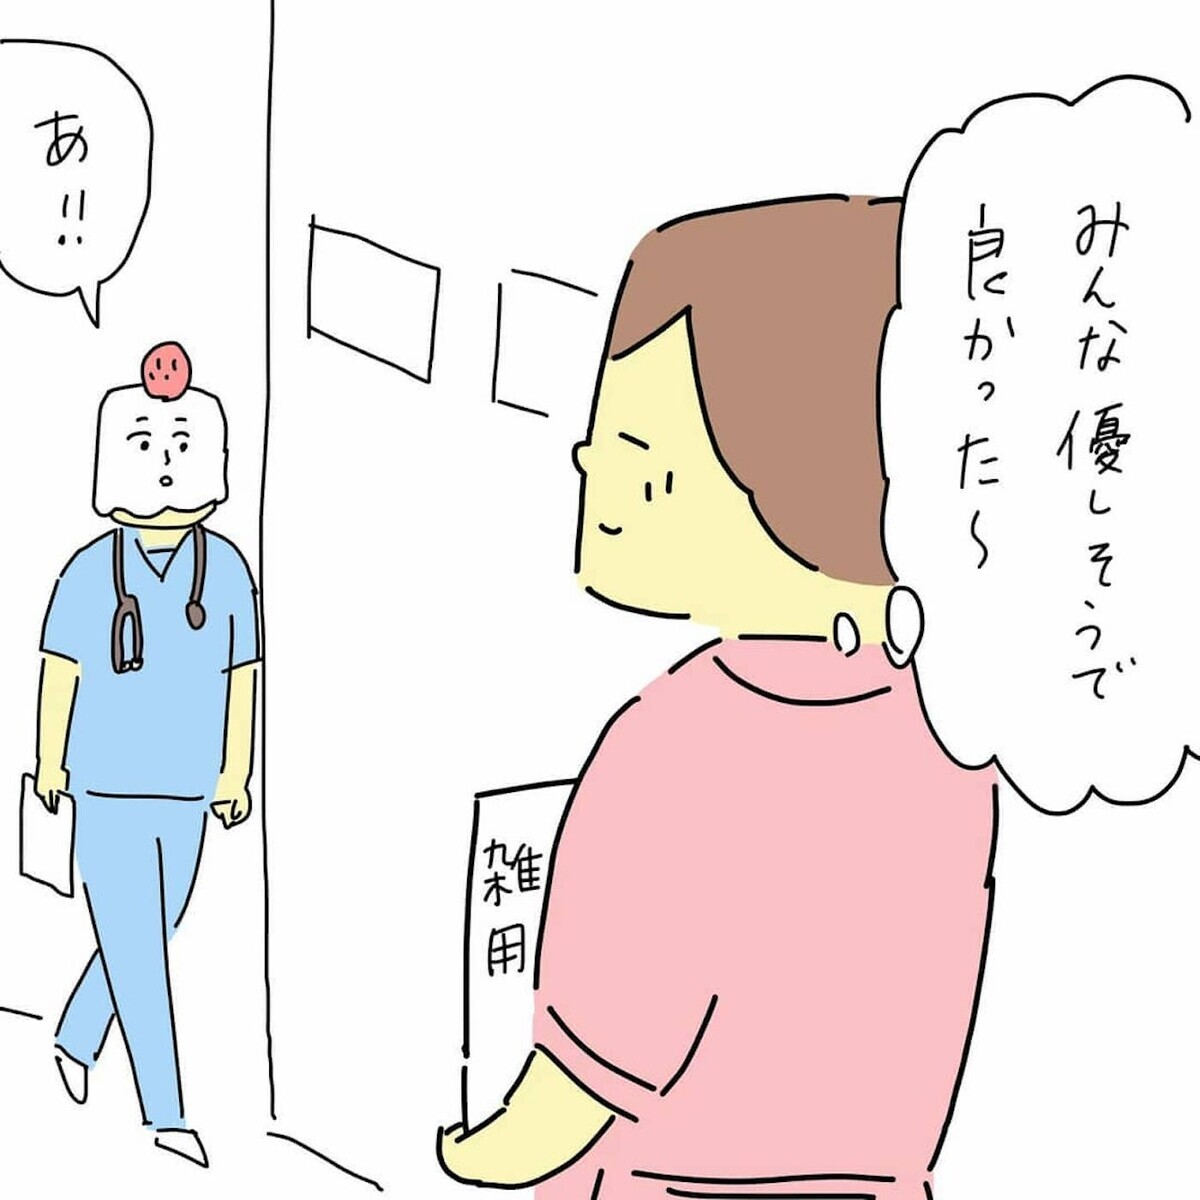 初恋相手と同じ病院に再就職! 配属先を伝えるとみるみる顔色が変わり…【結婚までのプリン Vol.7】